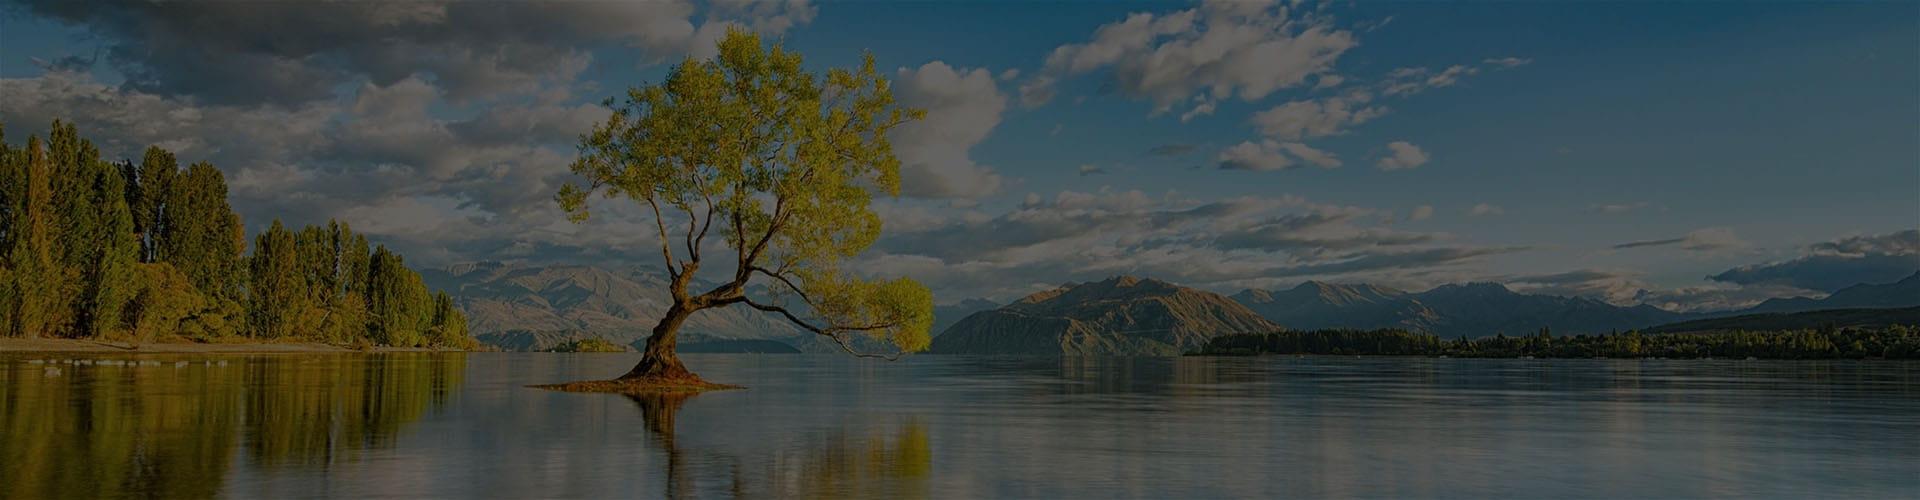 Пейзаж, дерево, озеро и горы